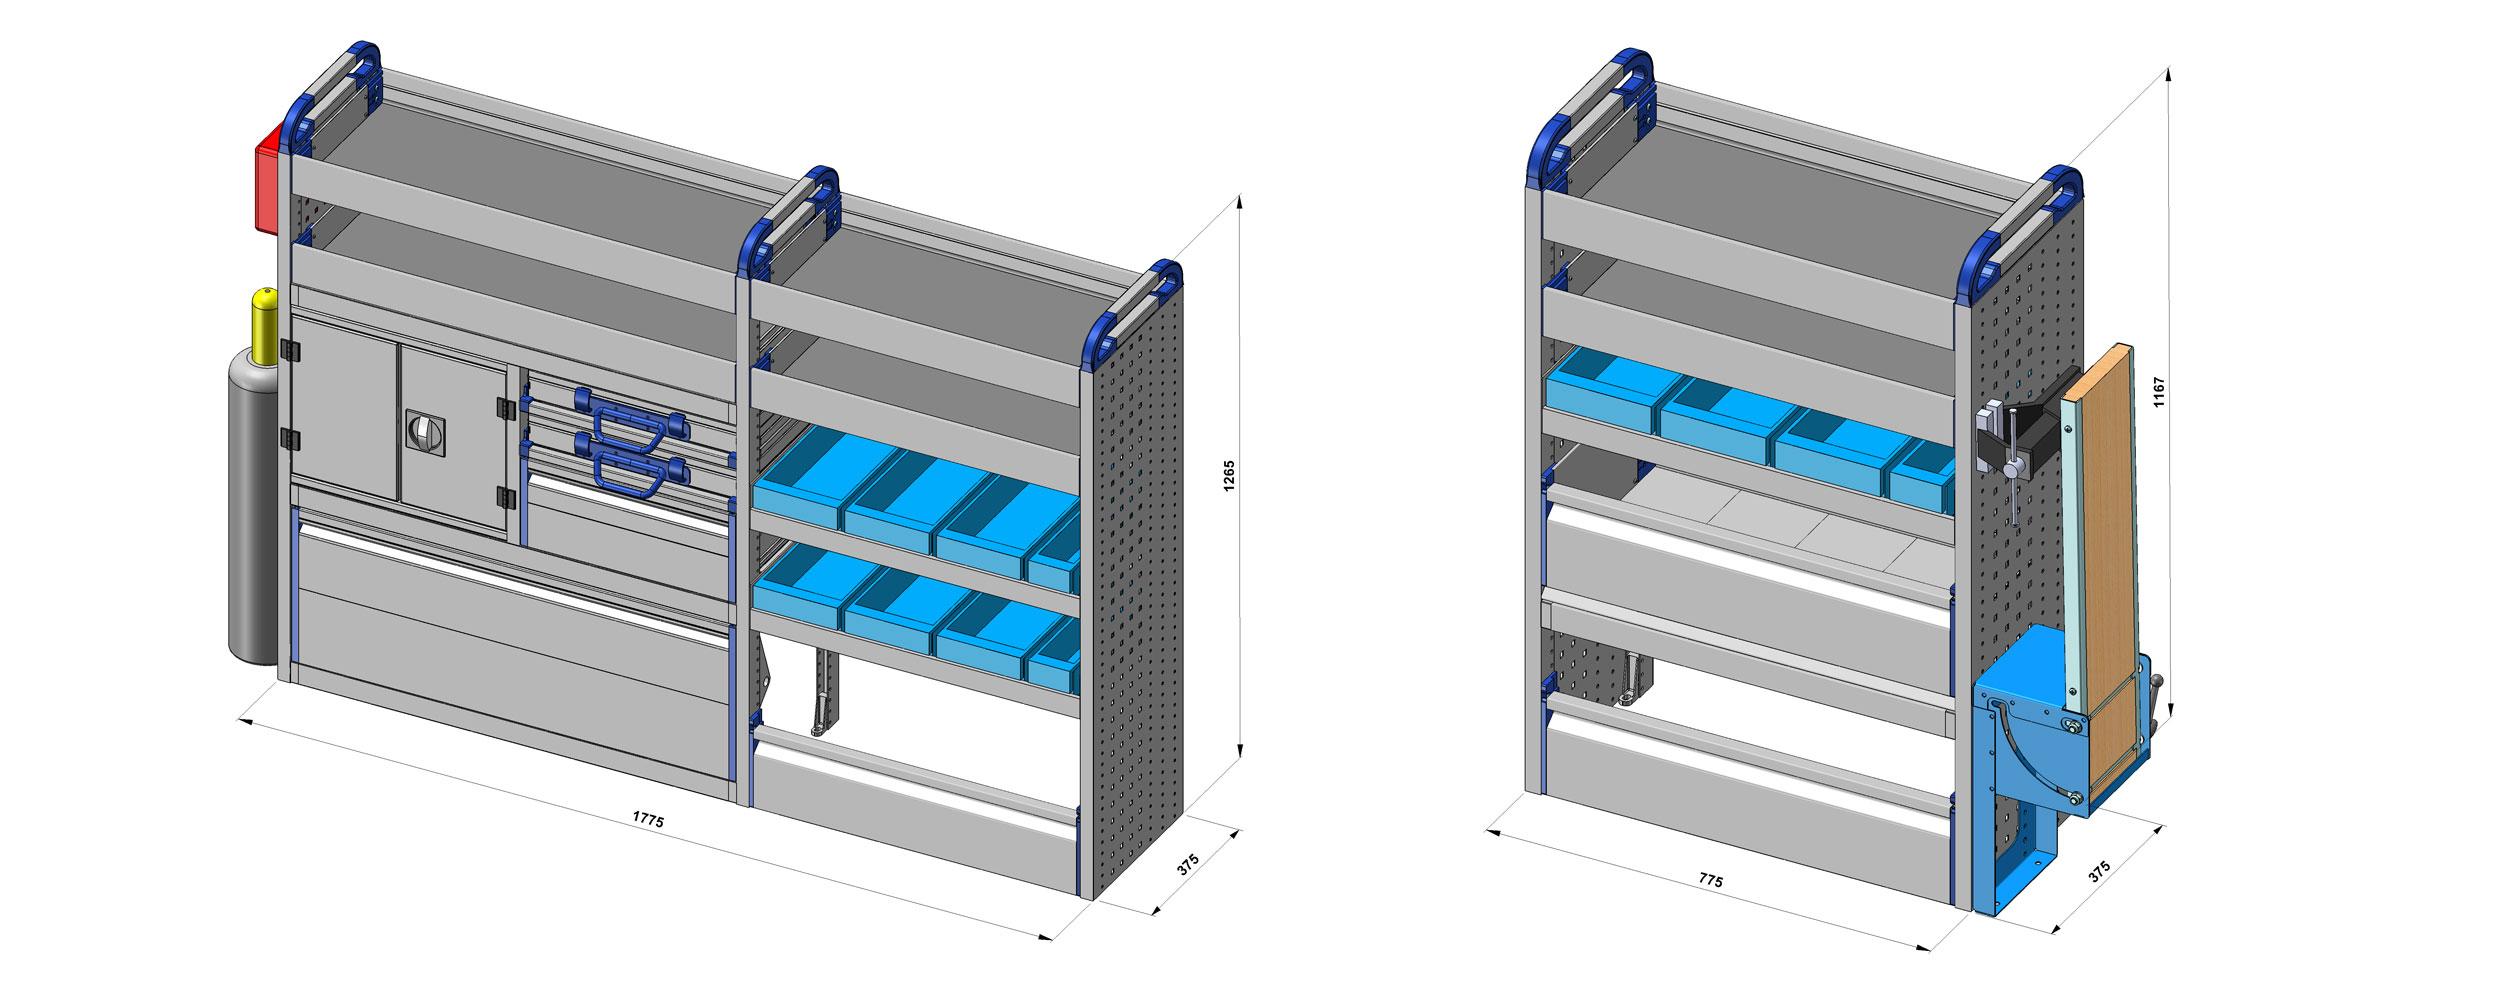 dibujos técnicos furgonetas taller movil personalizado 2